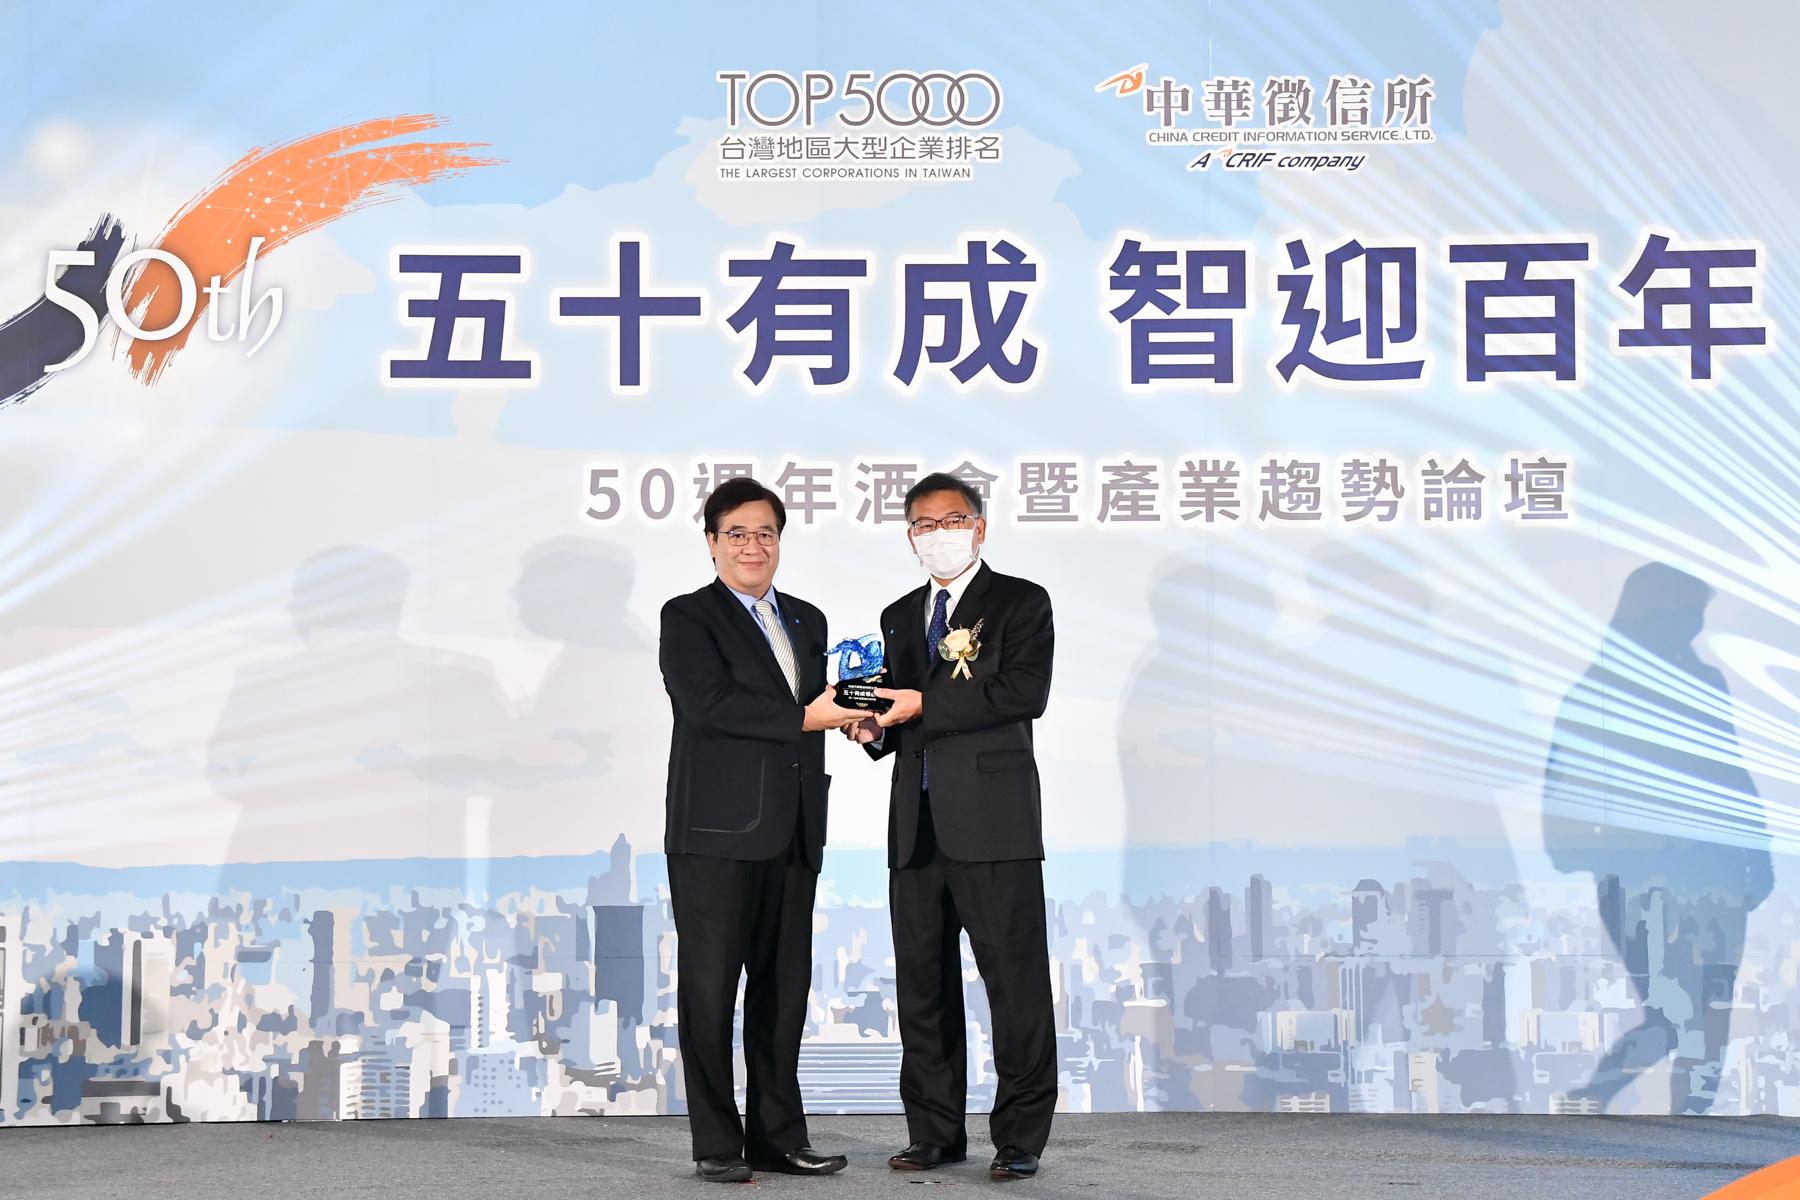 國家發展委員會游建華副主委(左)頒發「唯一連續30年經營績效五百強企業」獎座予和泰汽車劉松山本部長(右)。